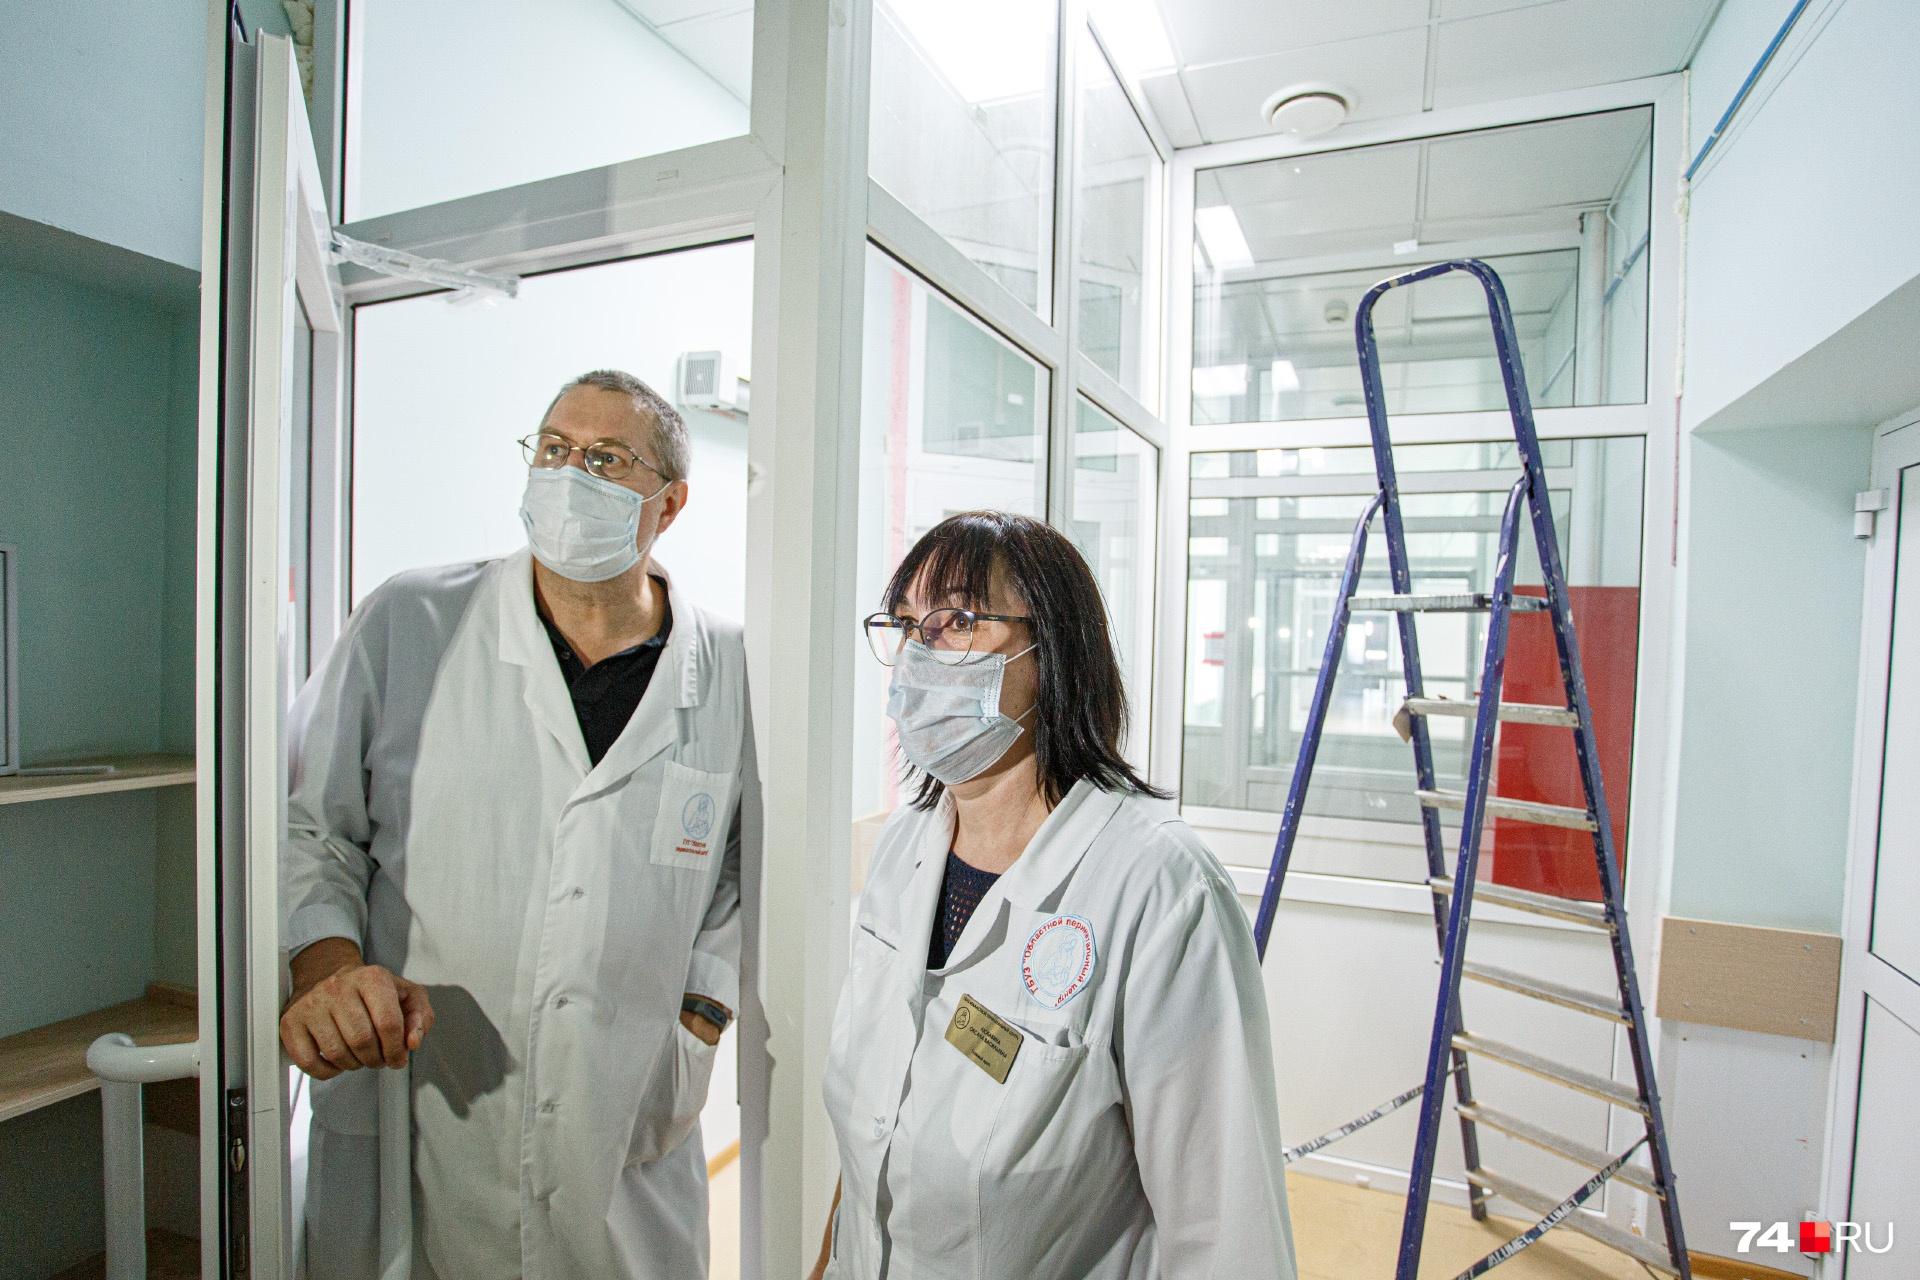 За спиной медиков шлюз — здесь будут обрабатывать сотрудников при выходе из «красной» зоны